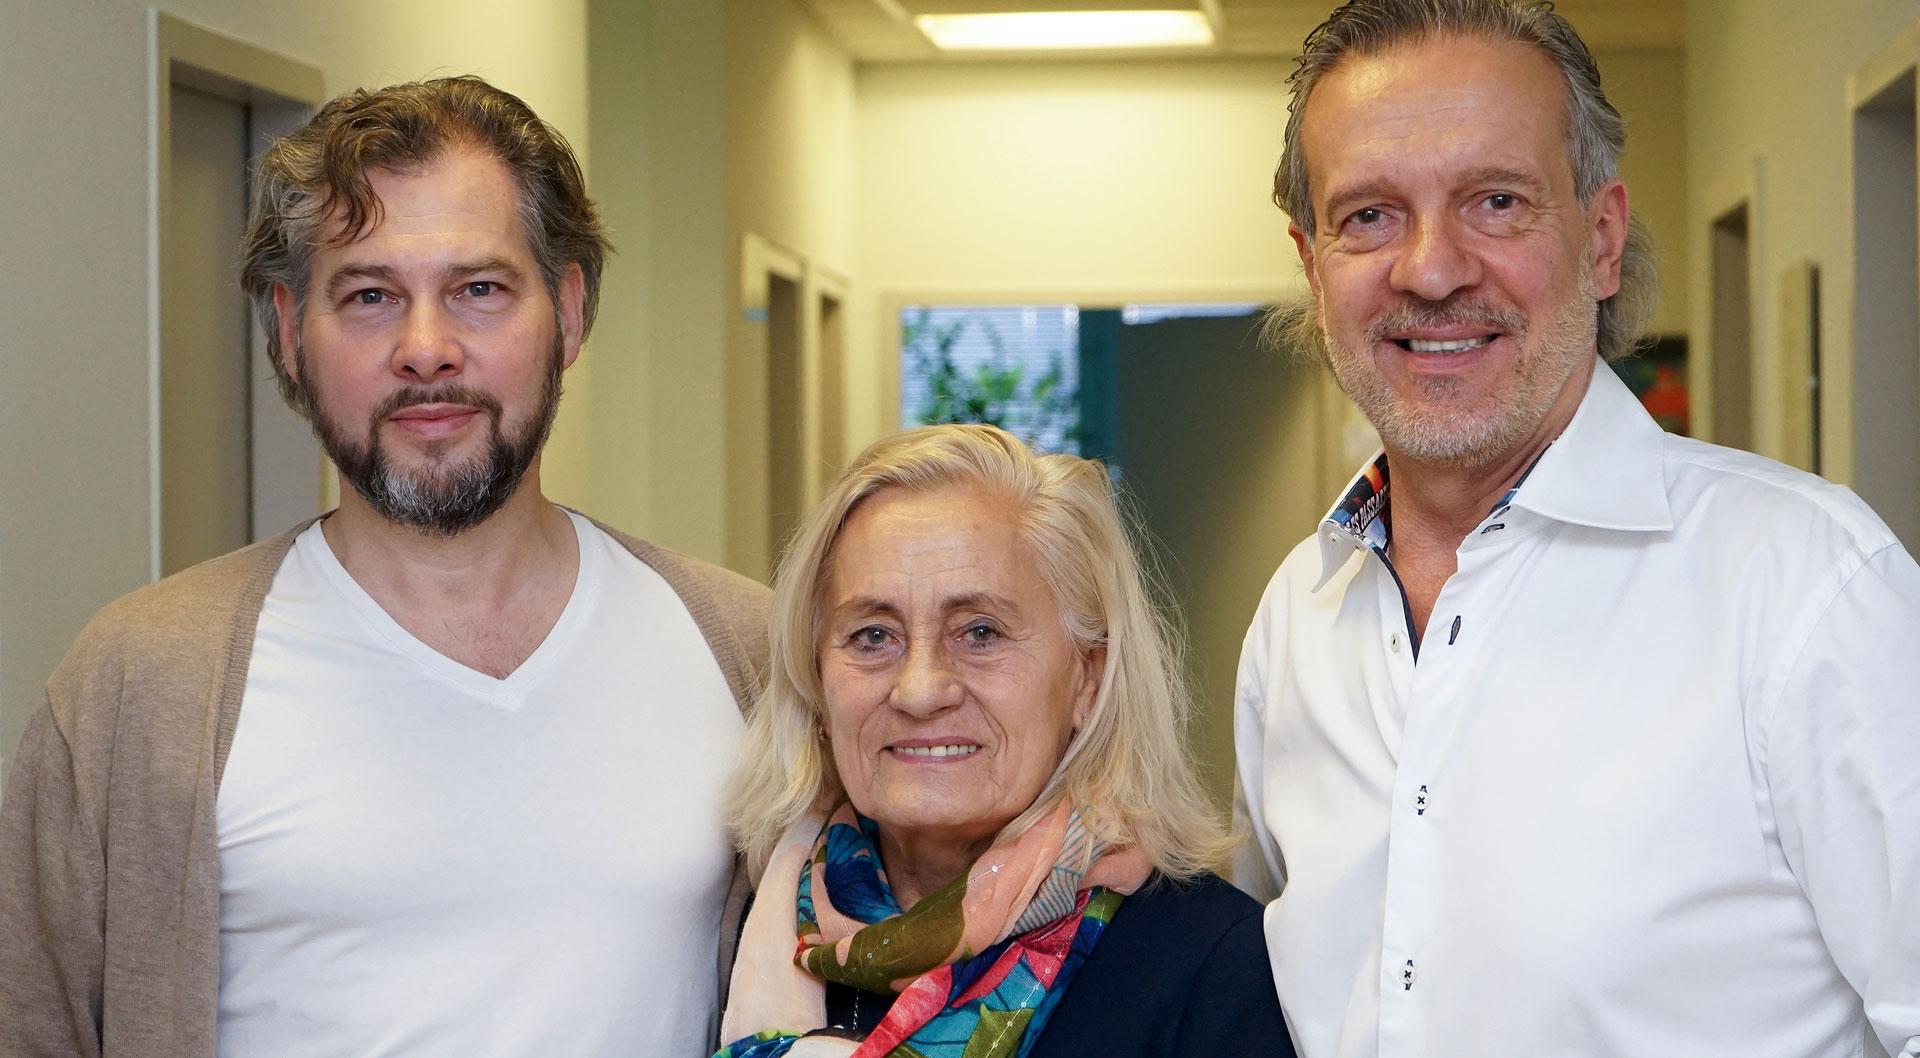 Großzügig Grad In Der Radiologie Galerie - Menschliche Anatomie ...